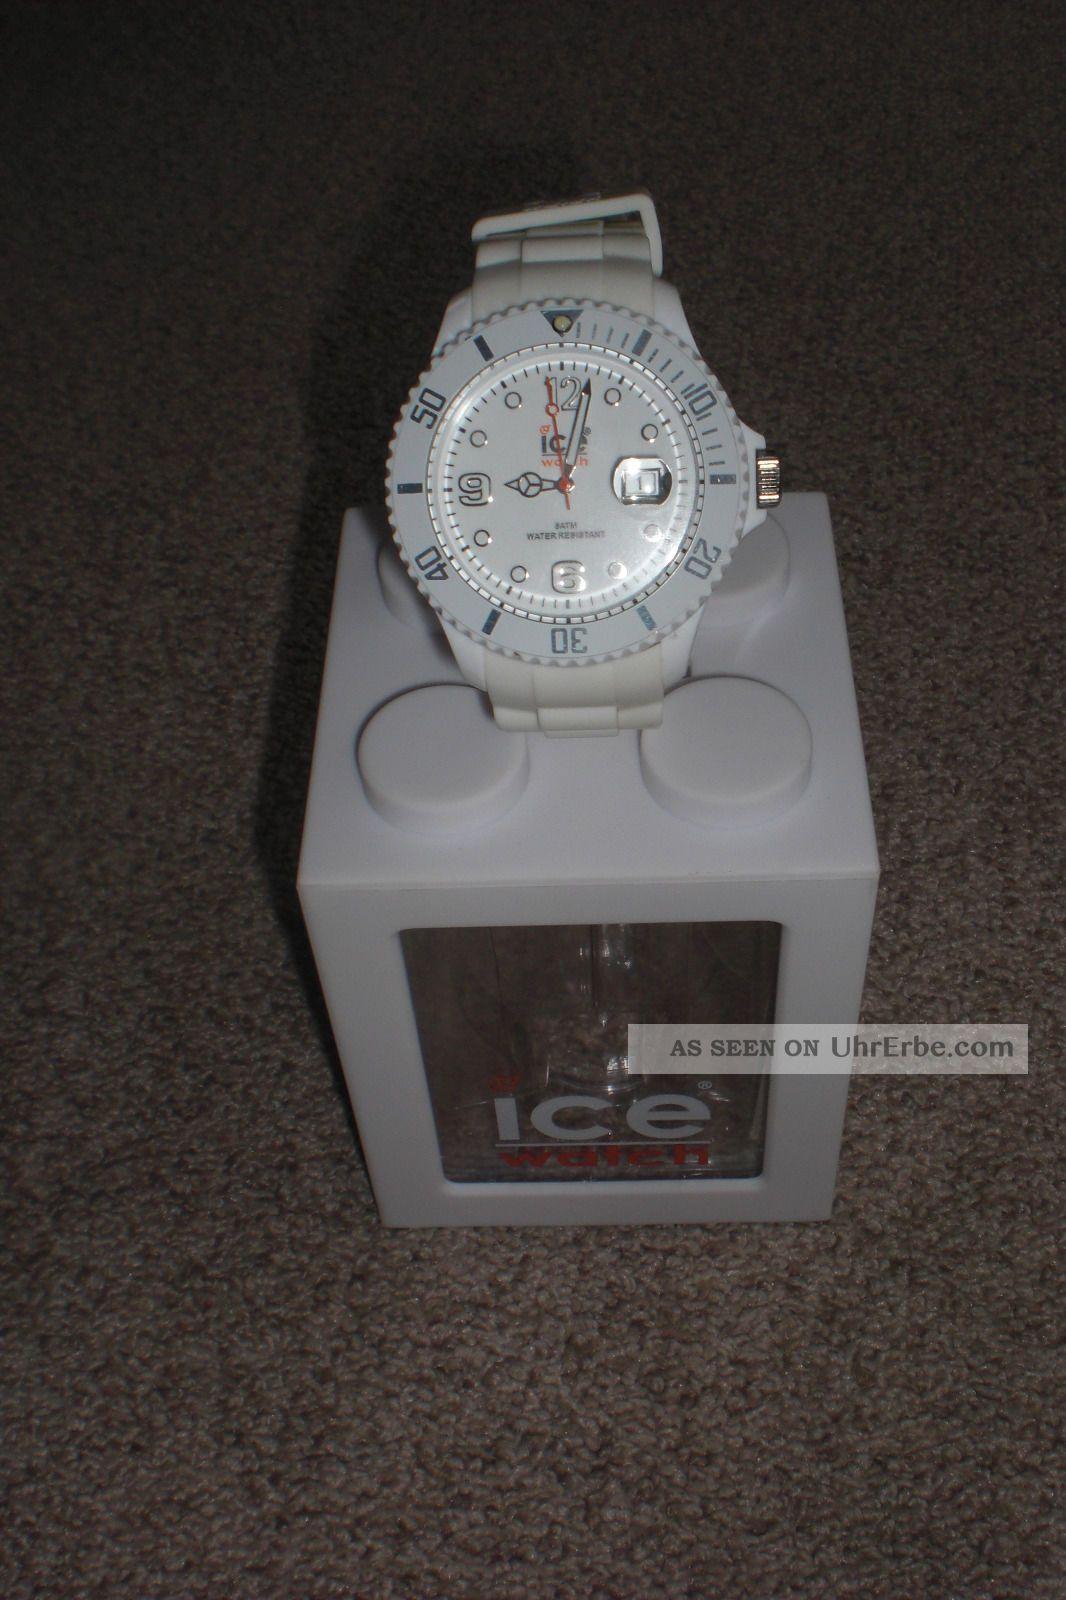 Ice Watch Sili Forever White Big Weiß Uhr Damen Herren Armbanduhren Bild